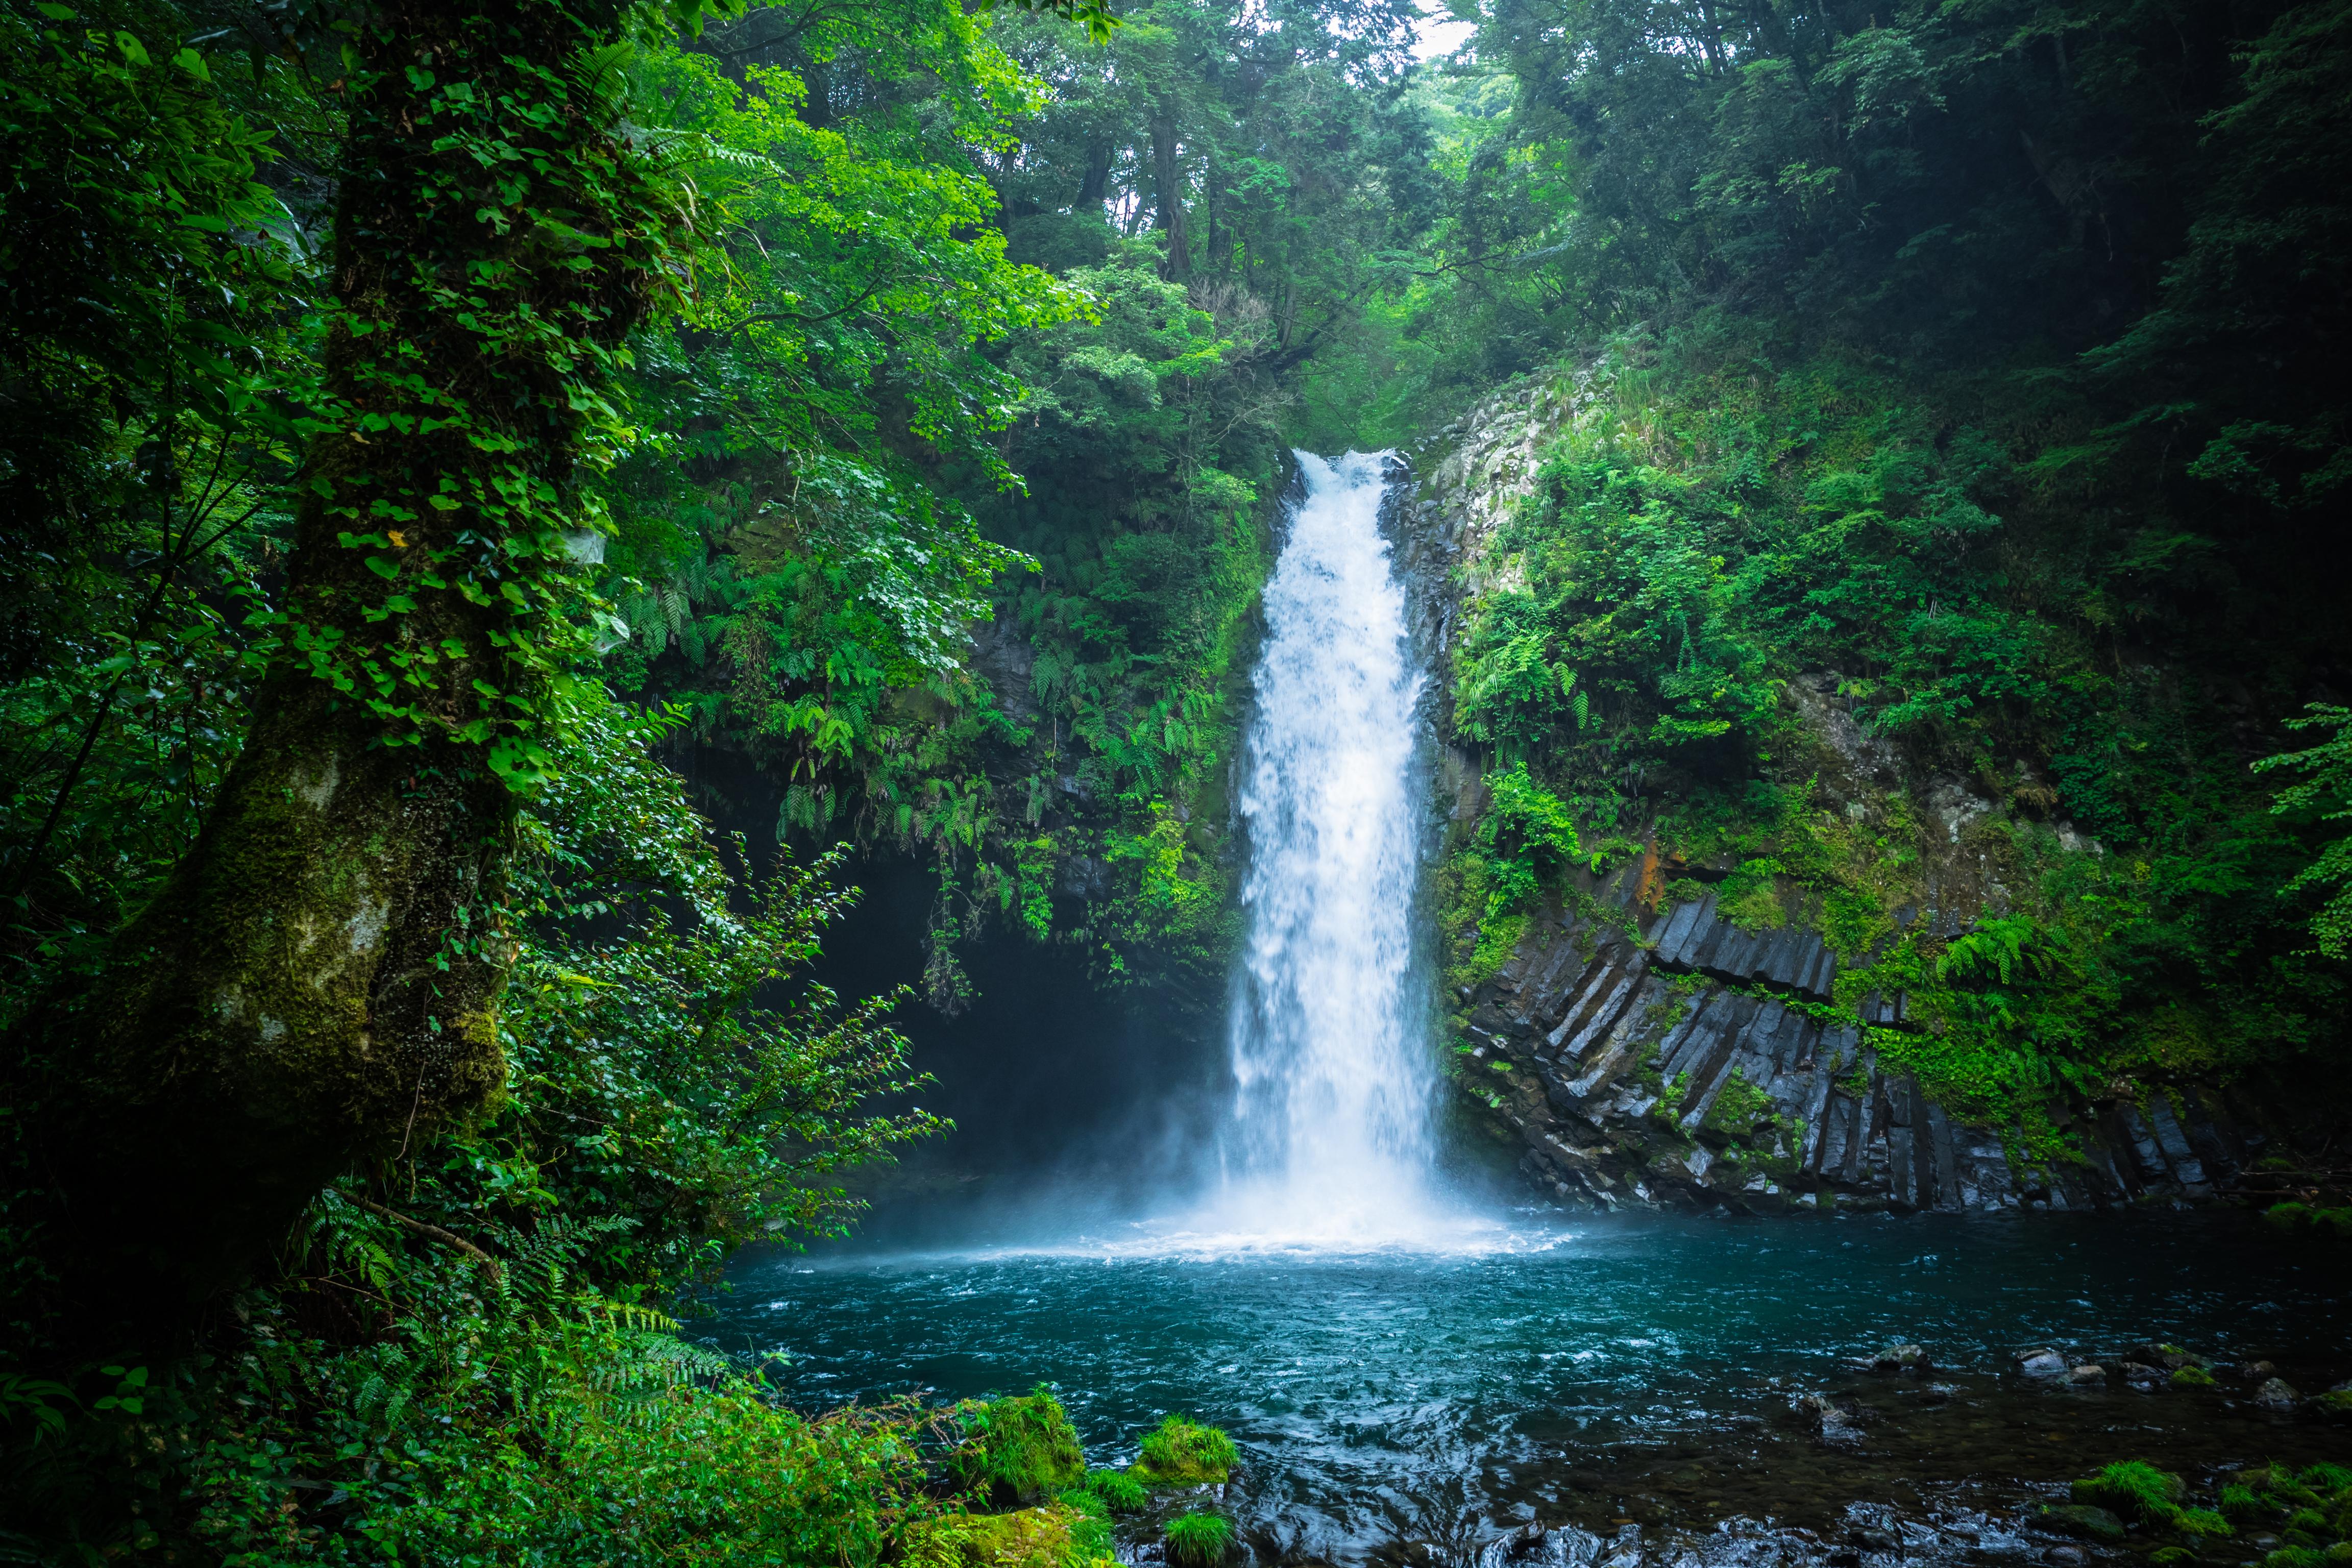 даже картинки леса с водопадом чебоксарах карте рядом